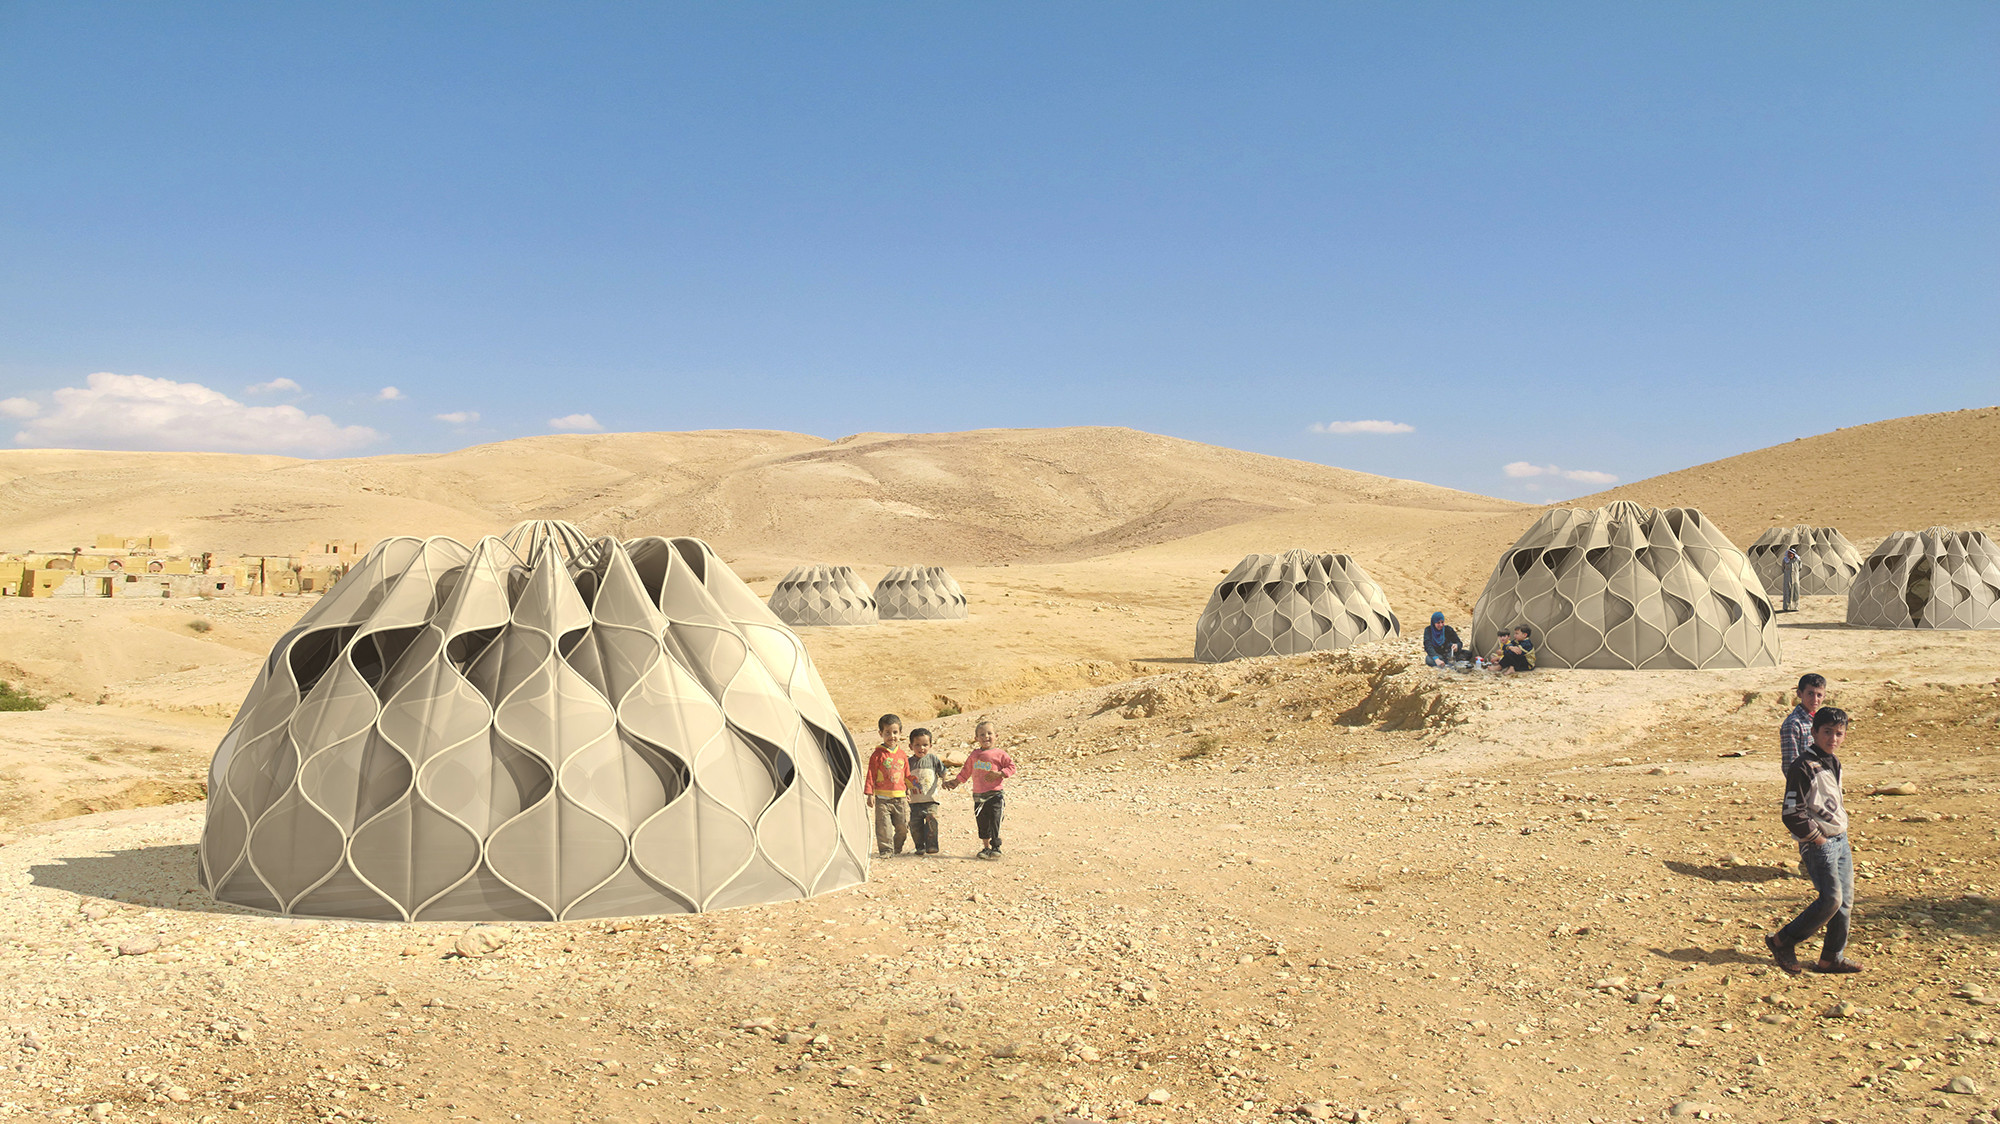 En Detalle: Tejido Estructural para Refugios de Emergencia, Courtesy of Abeer Seikaly